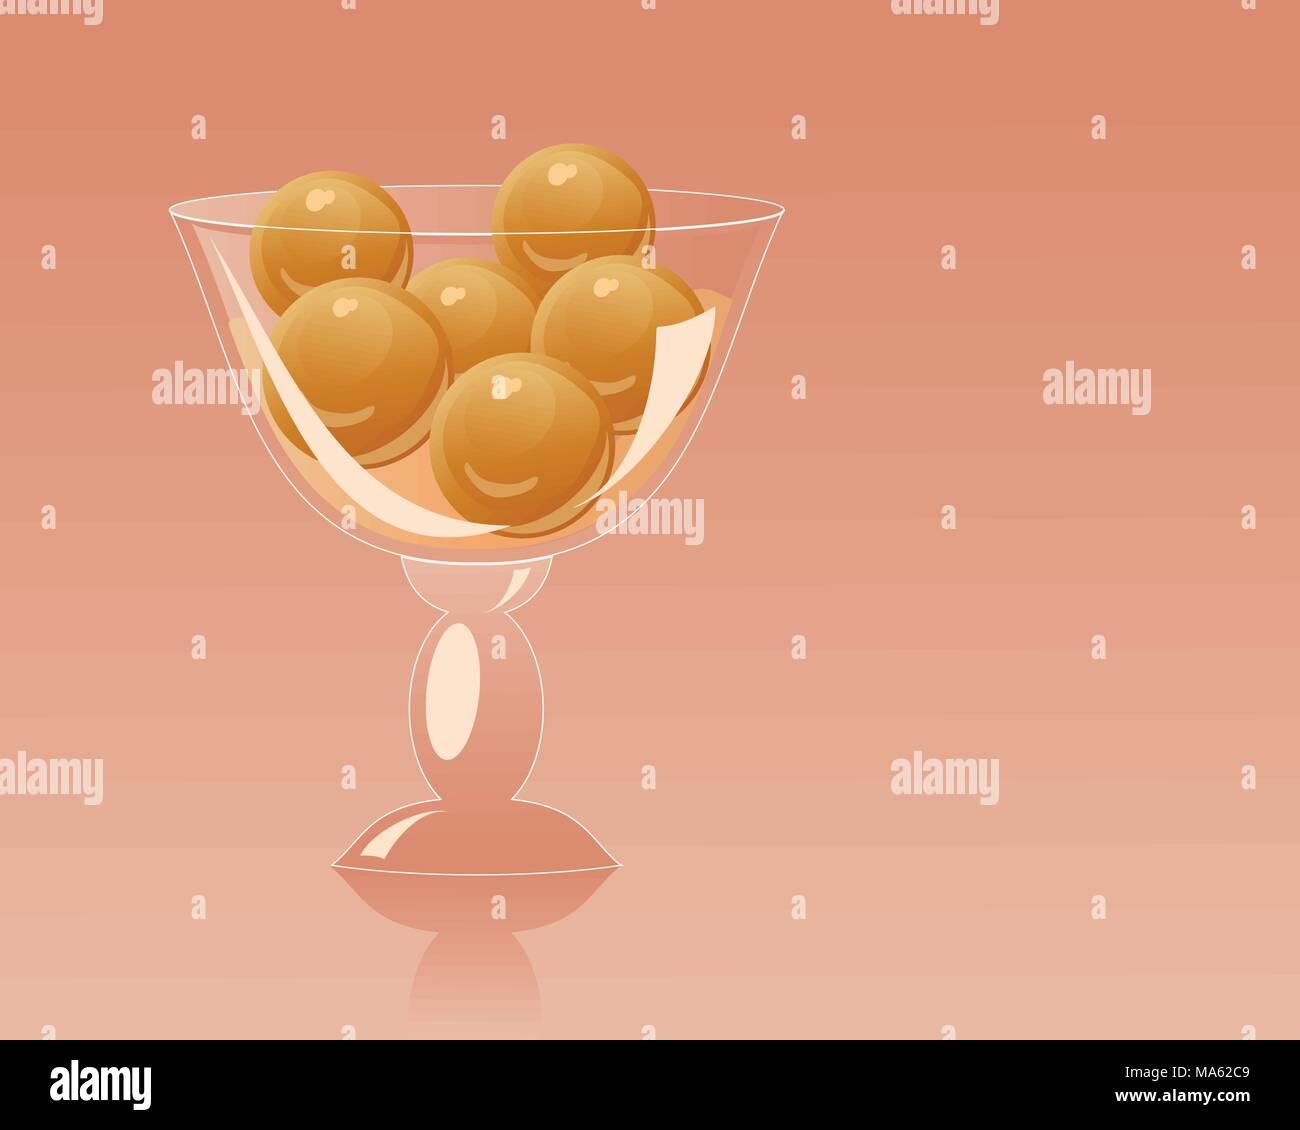 Una illustrazione vettoriale in formato eps formato 10 di una fantasia di dessert di vetro ciotola con deliziosa Gulab Jamun su un arancione sfondo rosso Immagini Stock